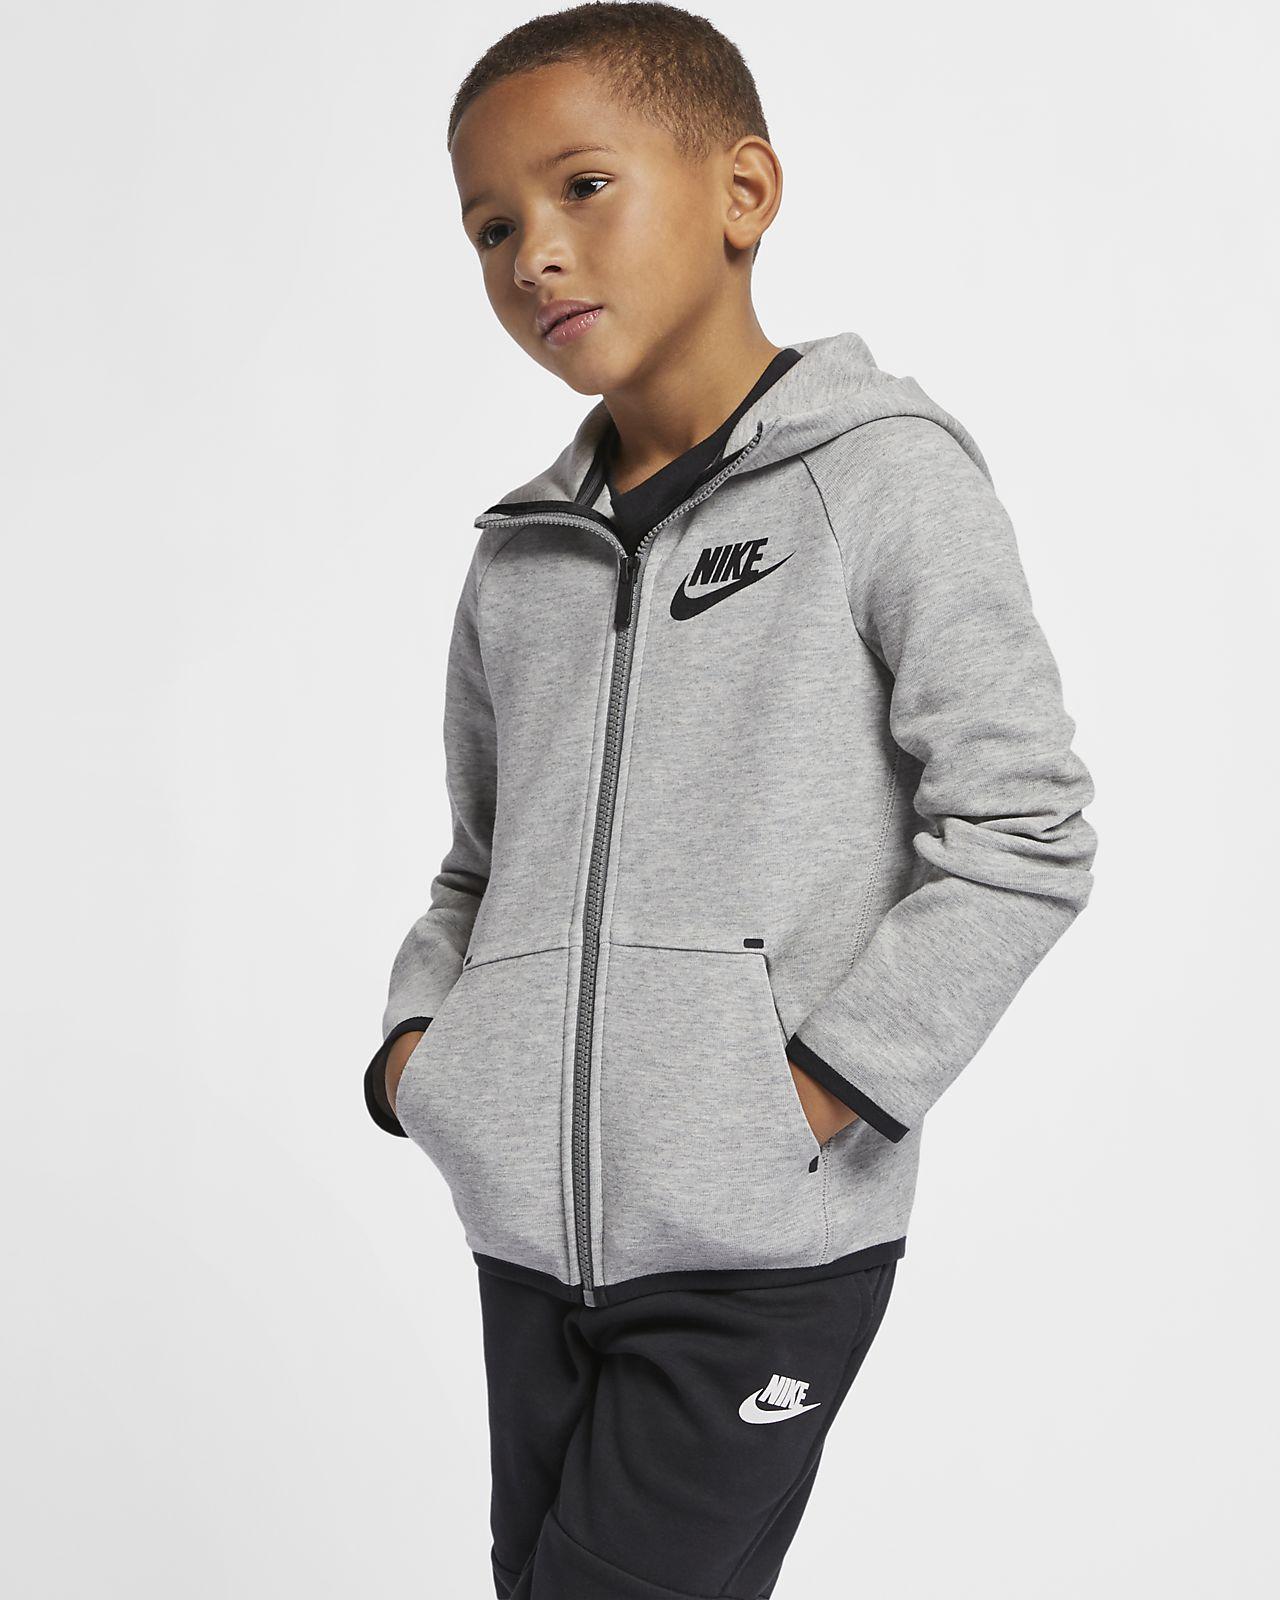 Nike Sportswear Tech Fleece kapucnis pulóver gyerekeknek